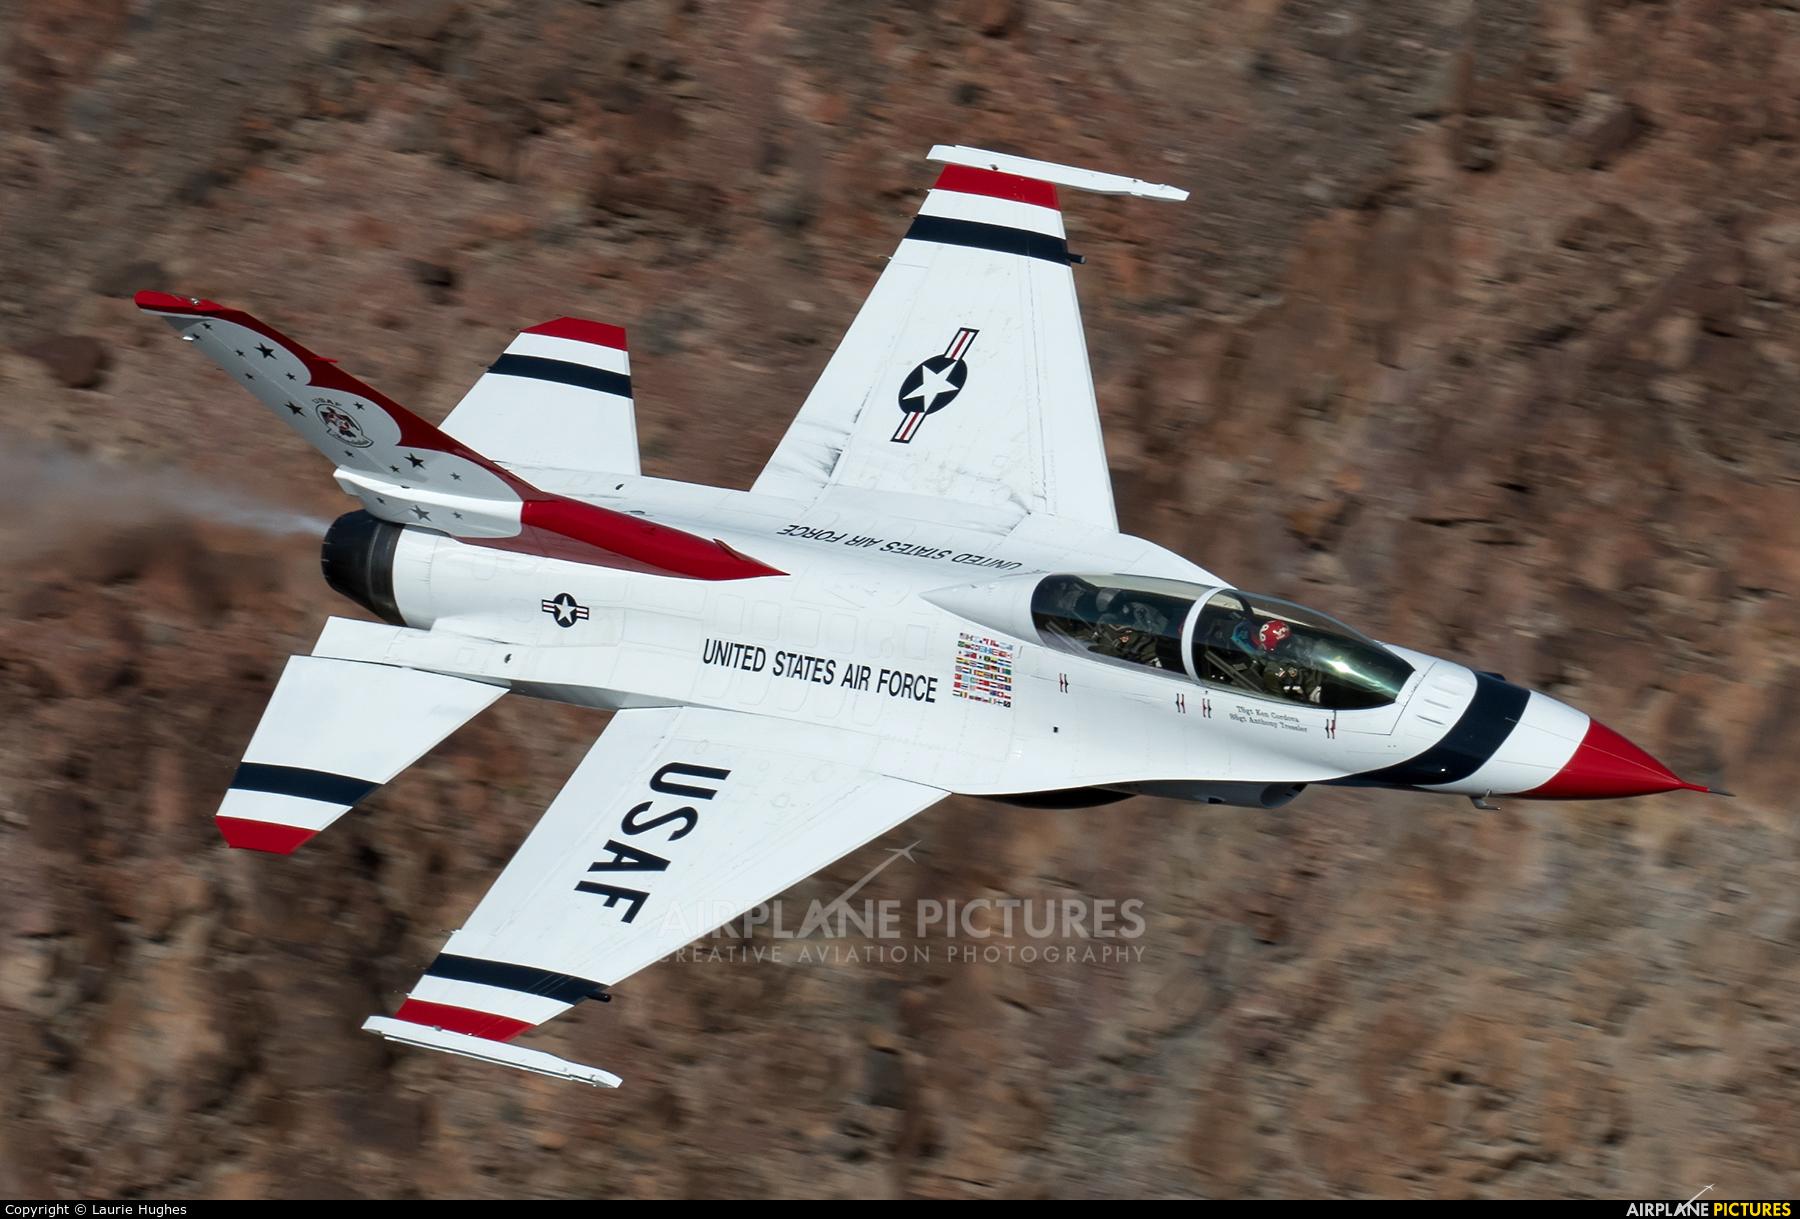 USA - Air Force : Thunderbirds - aircraft at Rainbow Canyon - Off Airport